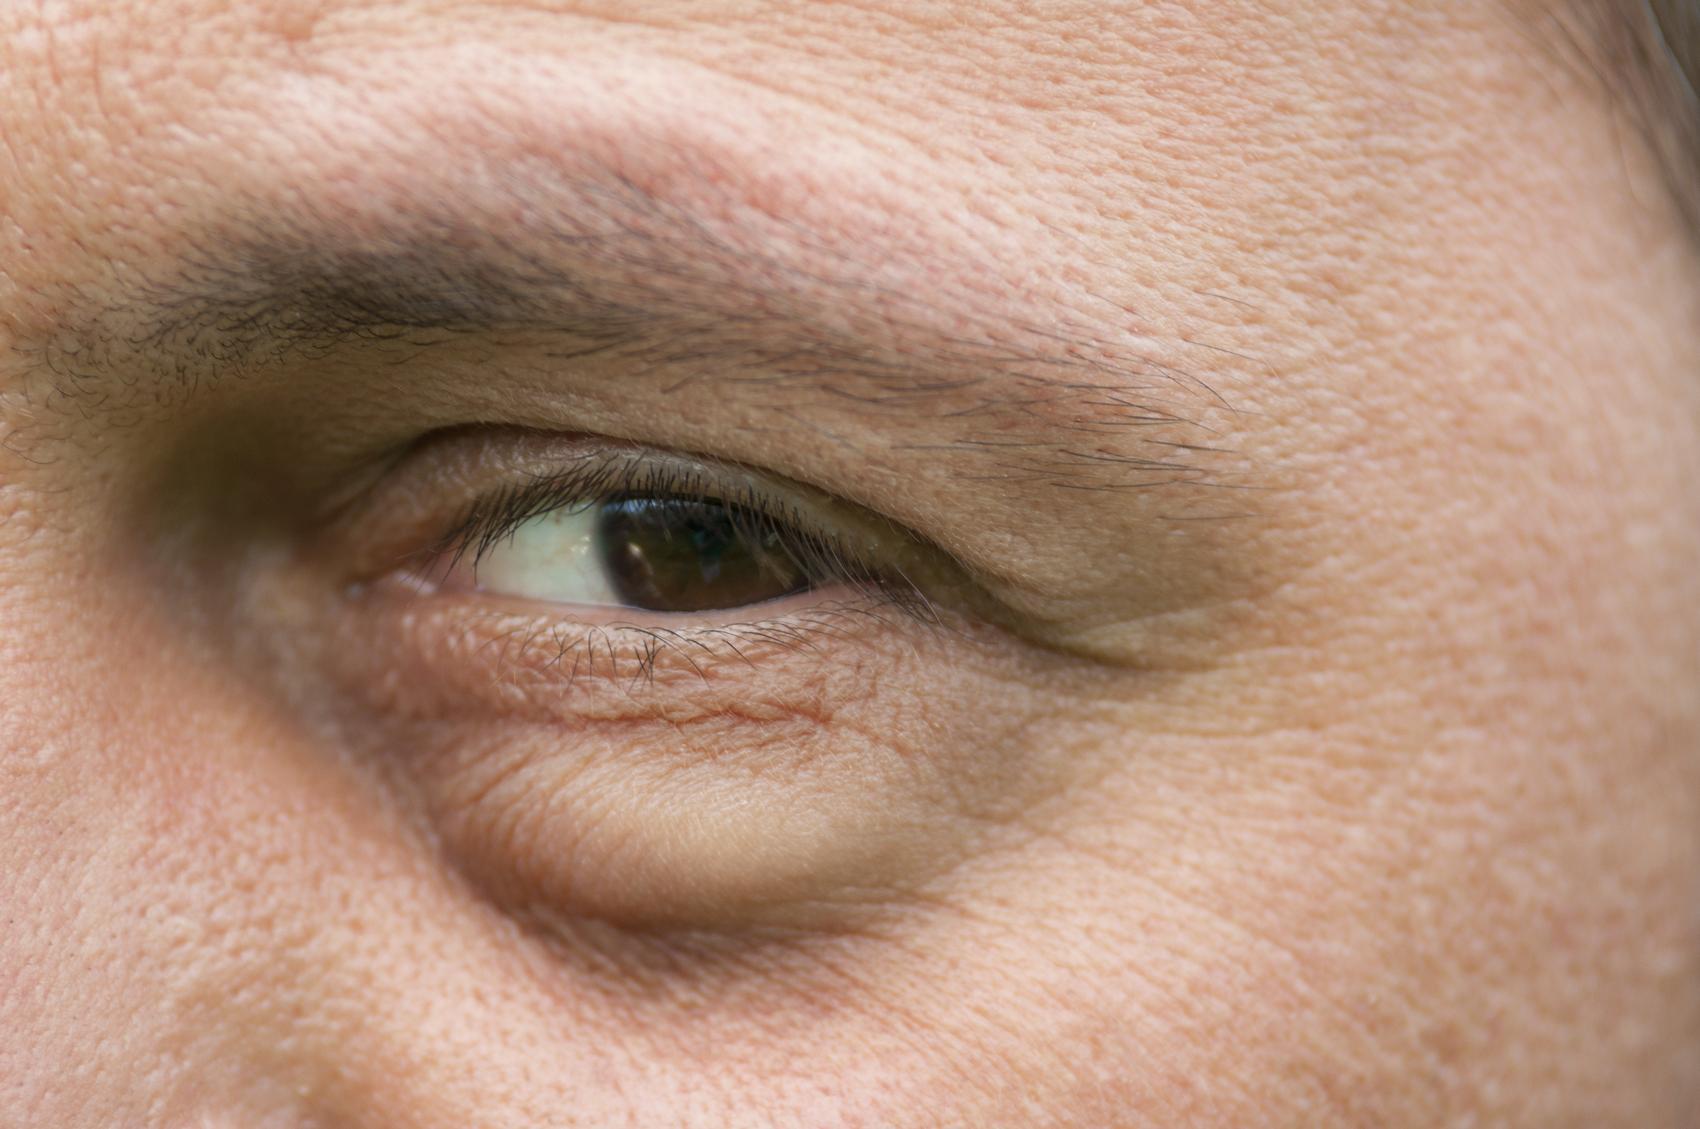 Причины появления отёков под глазами бывают, как естественного, так и патологического характера, в любом случае проблема требует лечения.